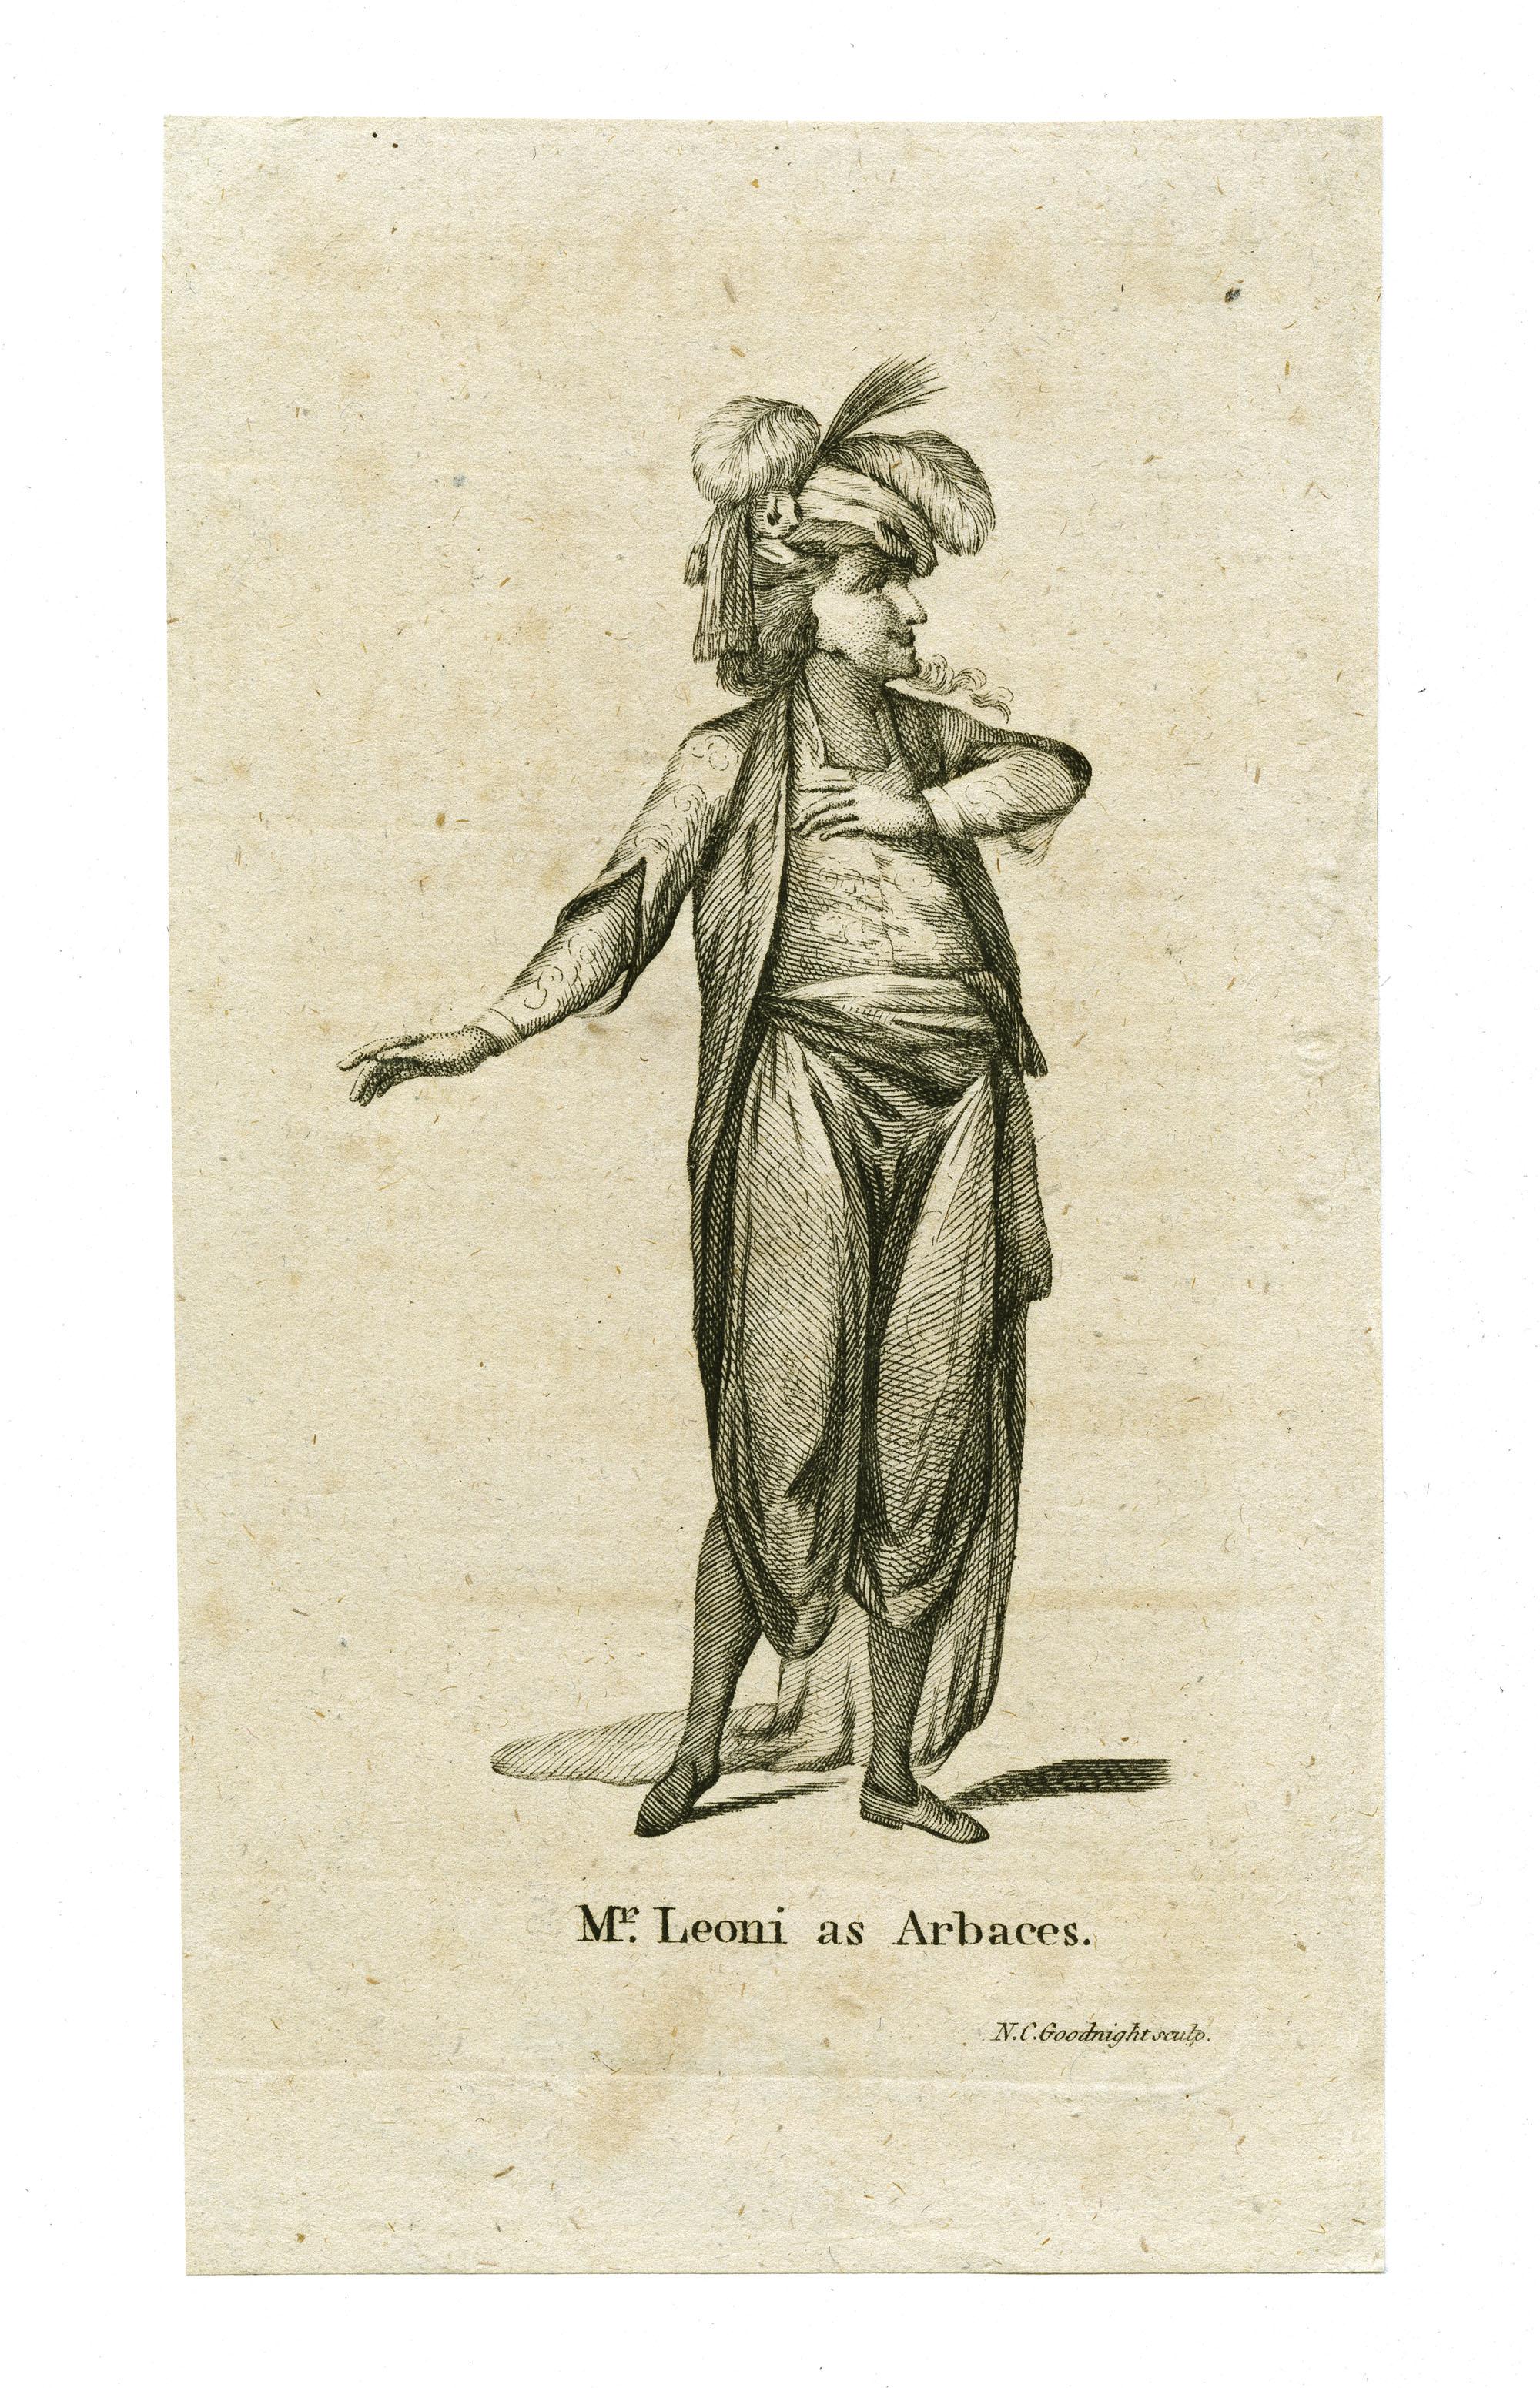 Mr. Leoni as Arbaces